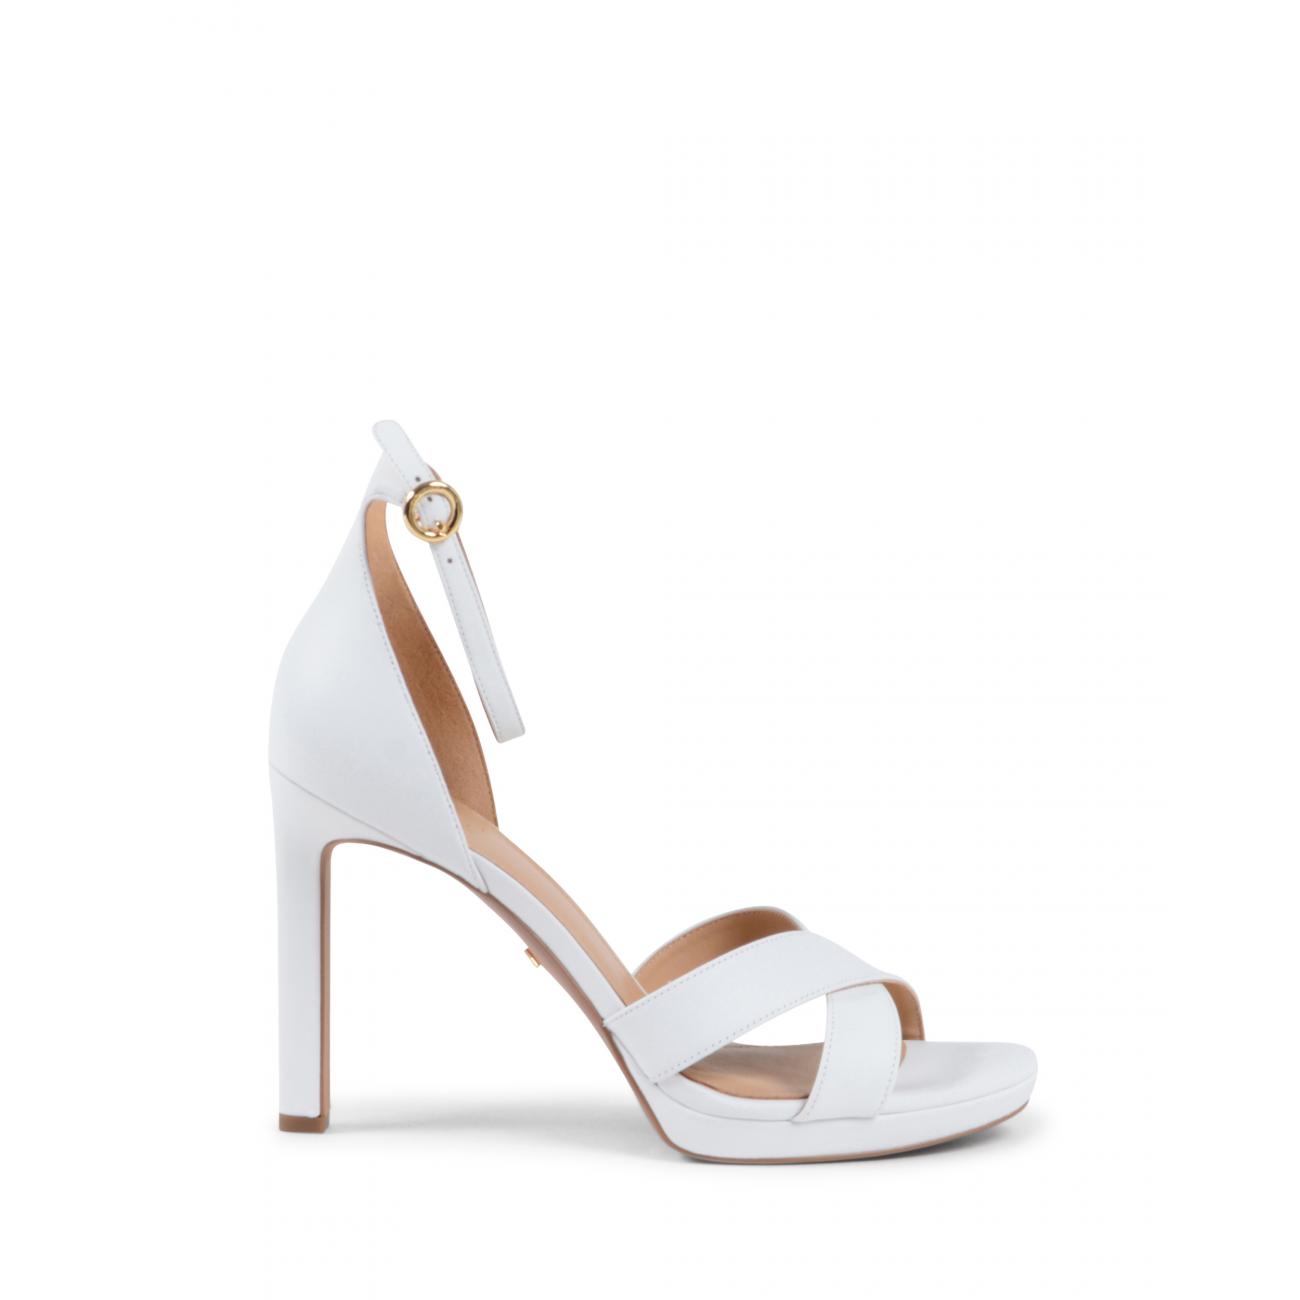 Michael Kors Womens Ankle Strap Sandal White ALEXIA